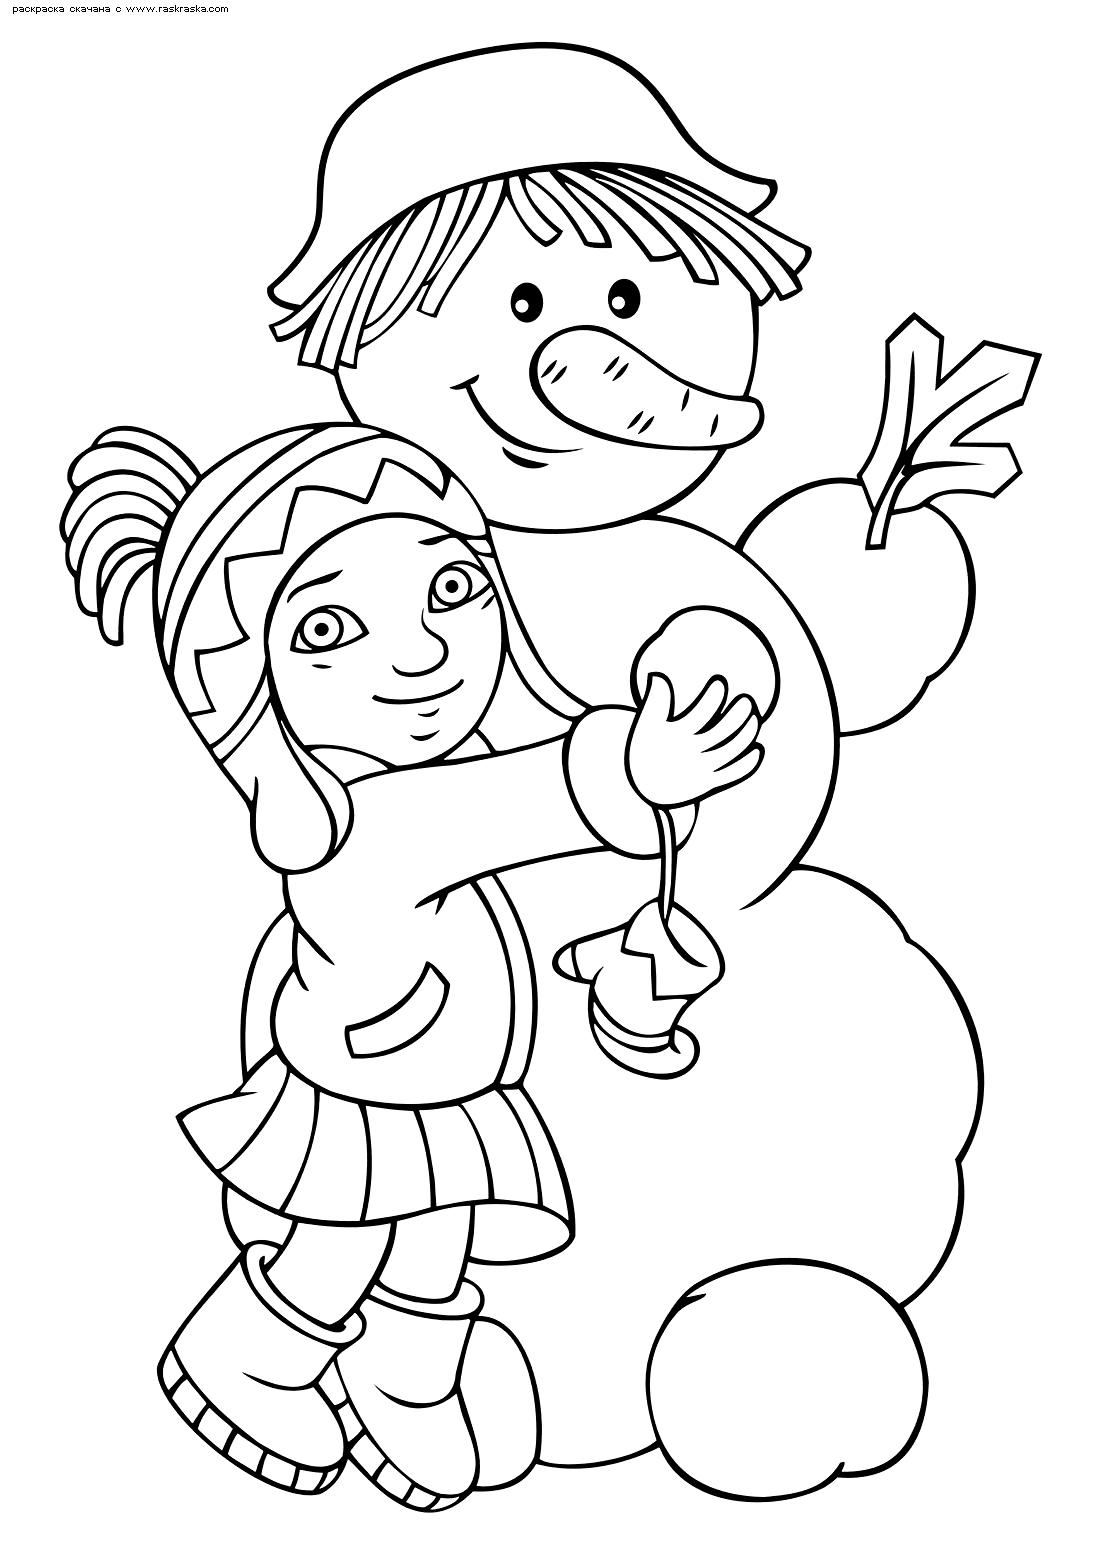 Раскраска Девочка и Снеговик. Раскраска снеговик